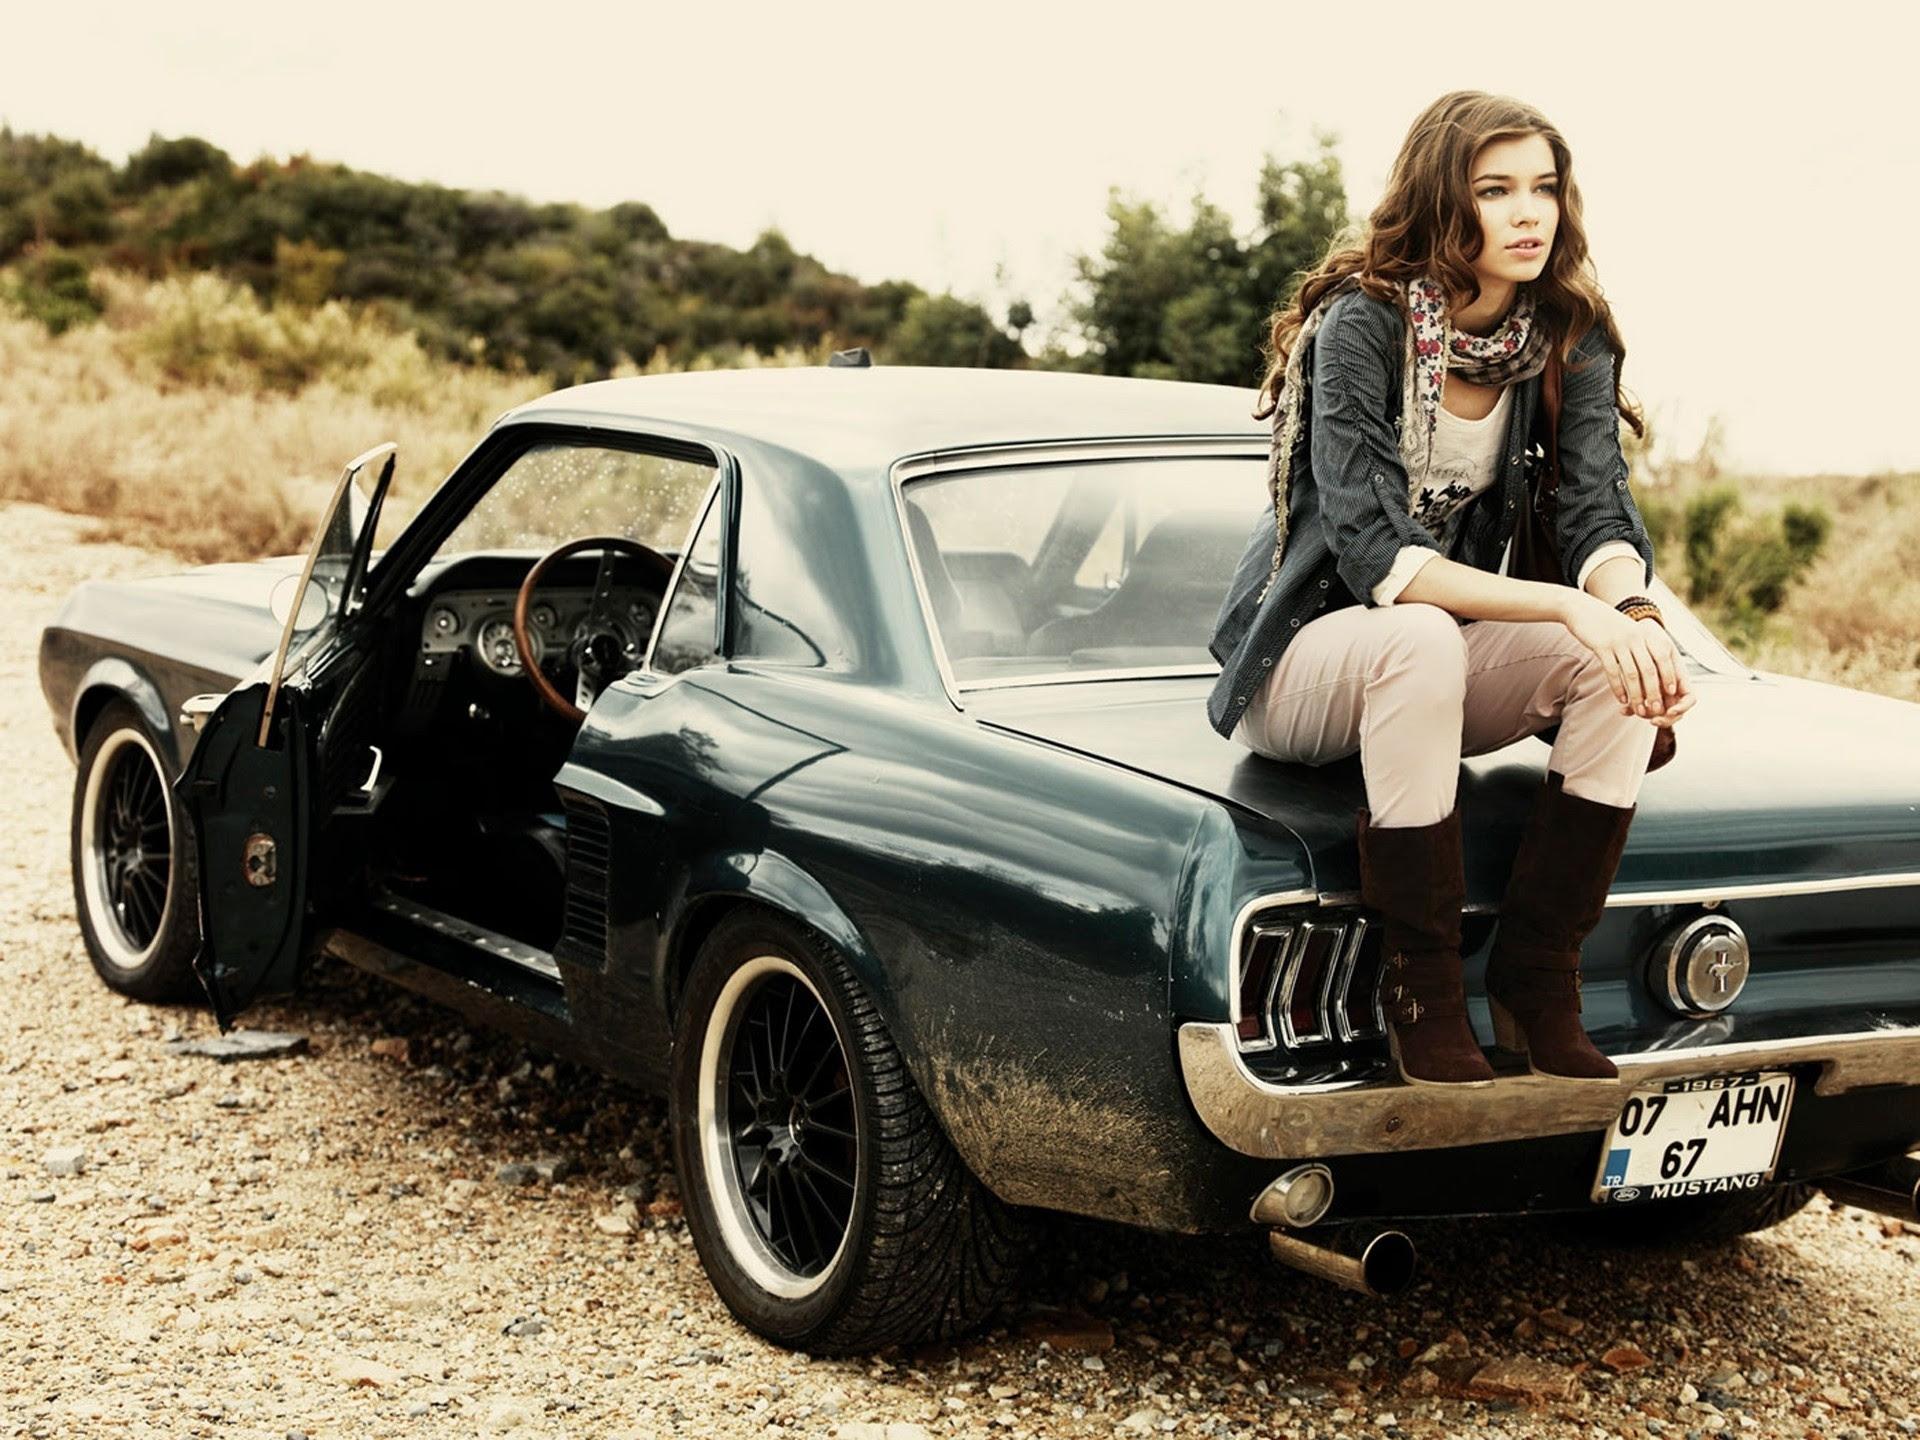 Girls and Muscle Cars Wallpaper - WallpaperSafari